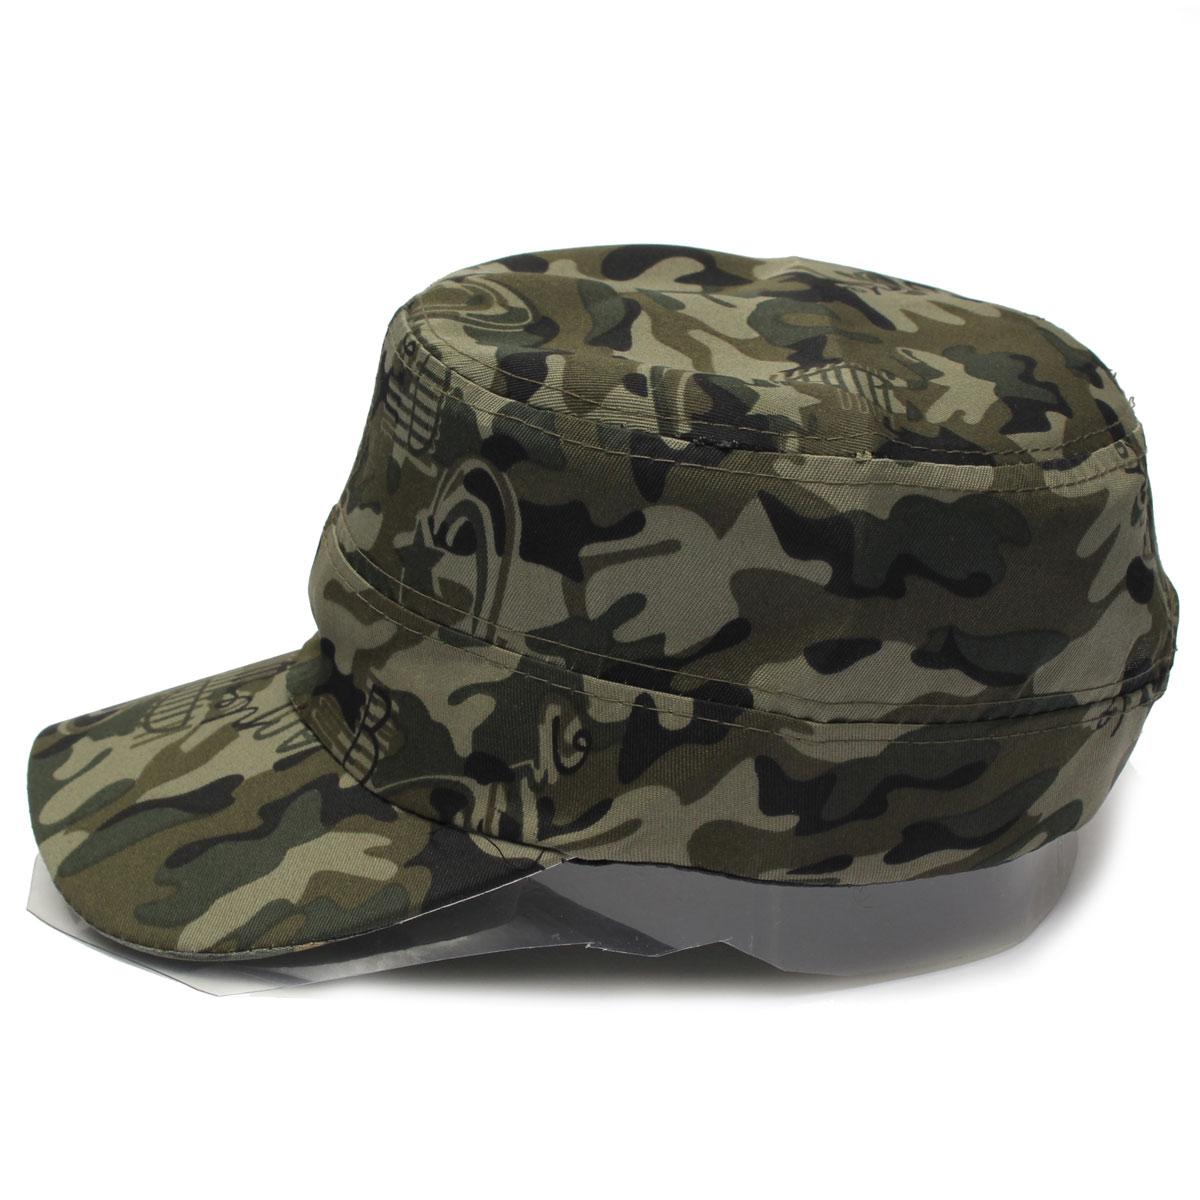 Women men desert camo cap military hunting fishing hat for Camo fishing hat